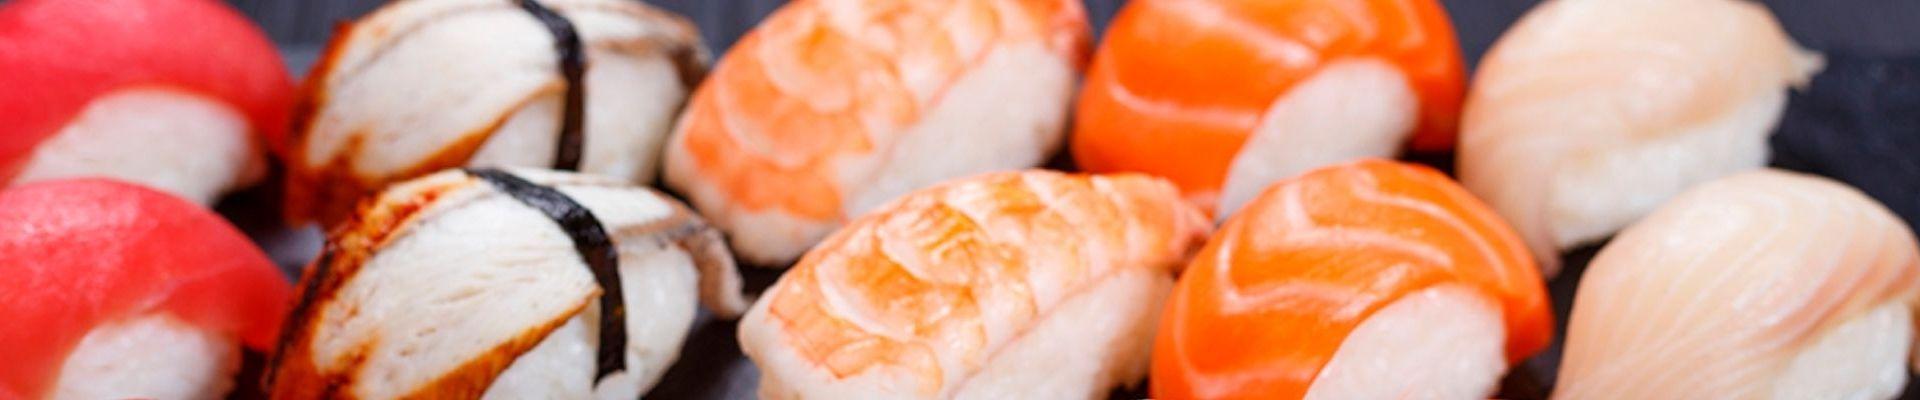 Los mejores restaurantes de sushi a domicilio en Zaragoza